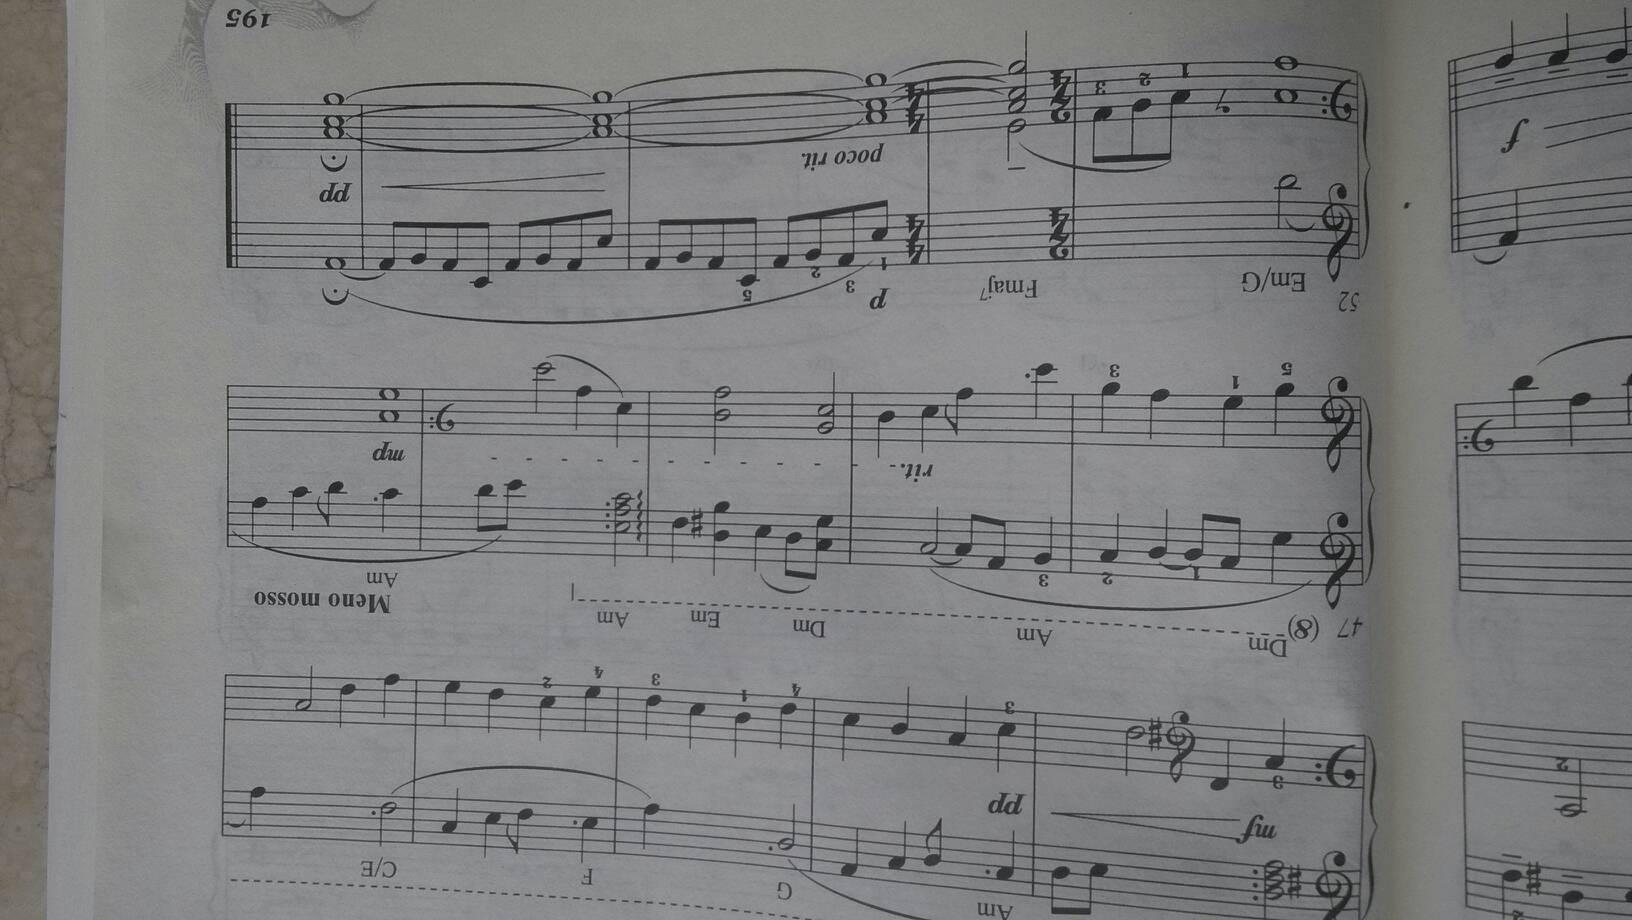 高音谱号后面的都要按照高音谱号来弹,直到之后出现低音谱号再变回去